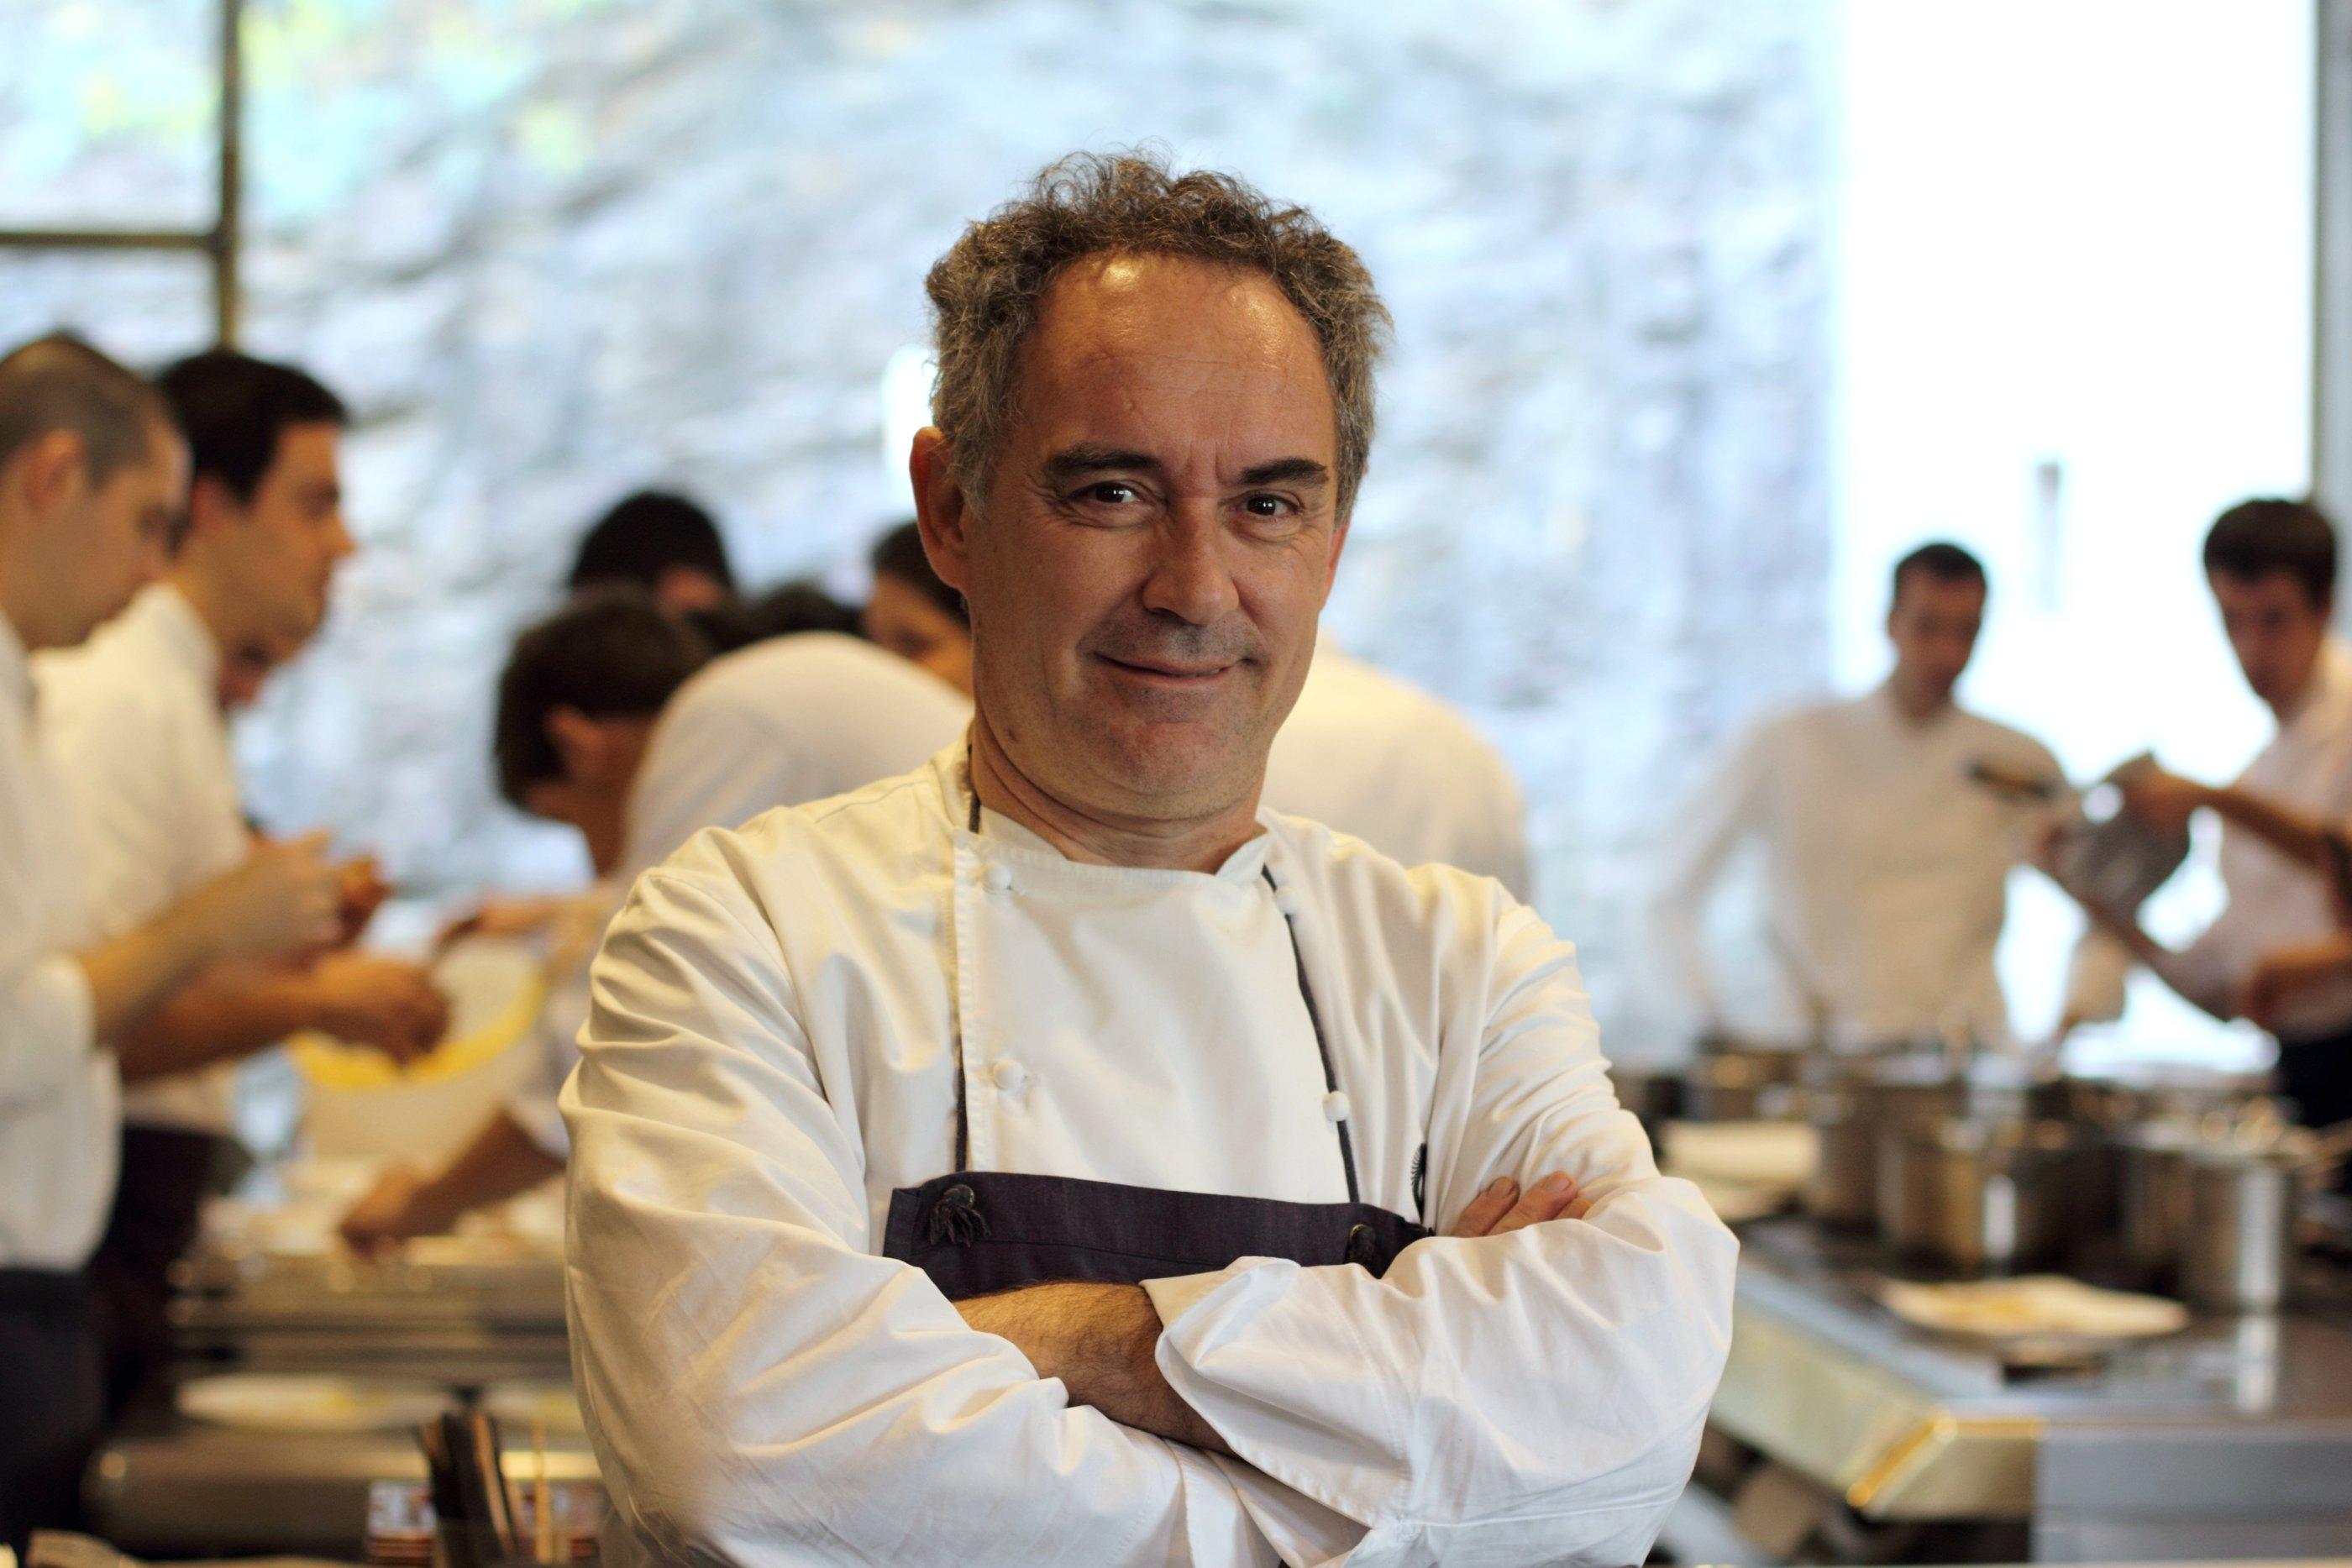 Ferran Adrija